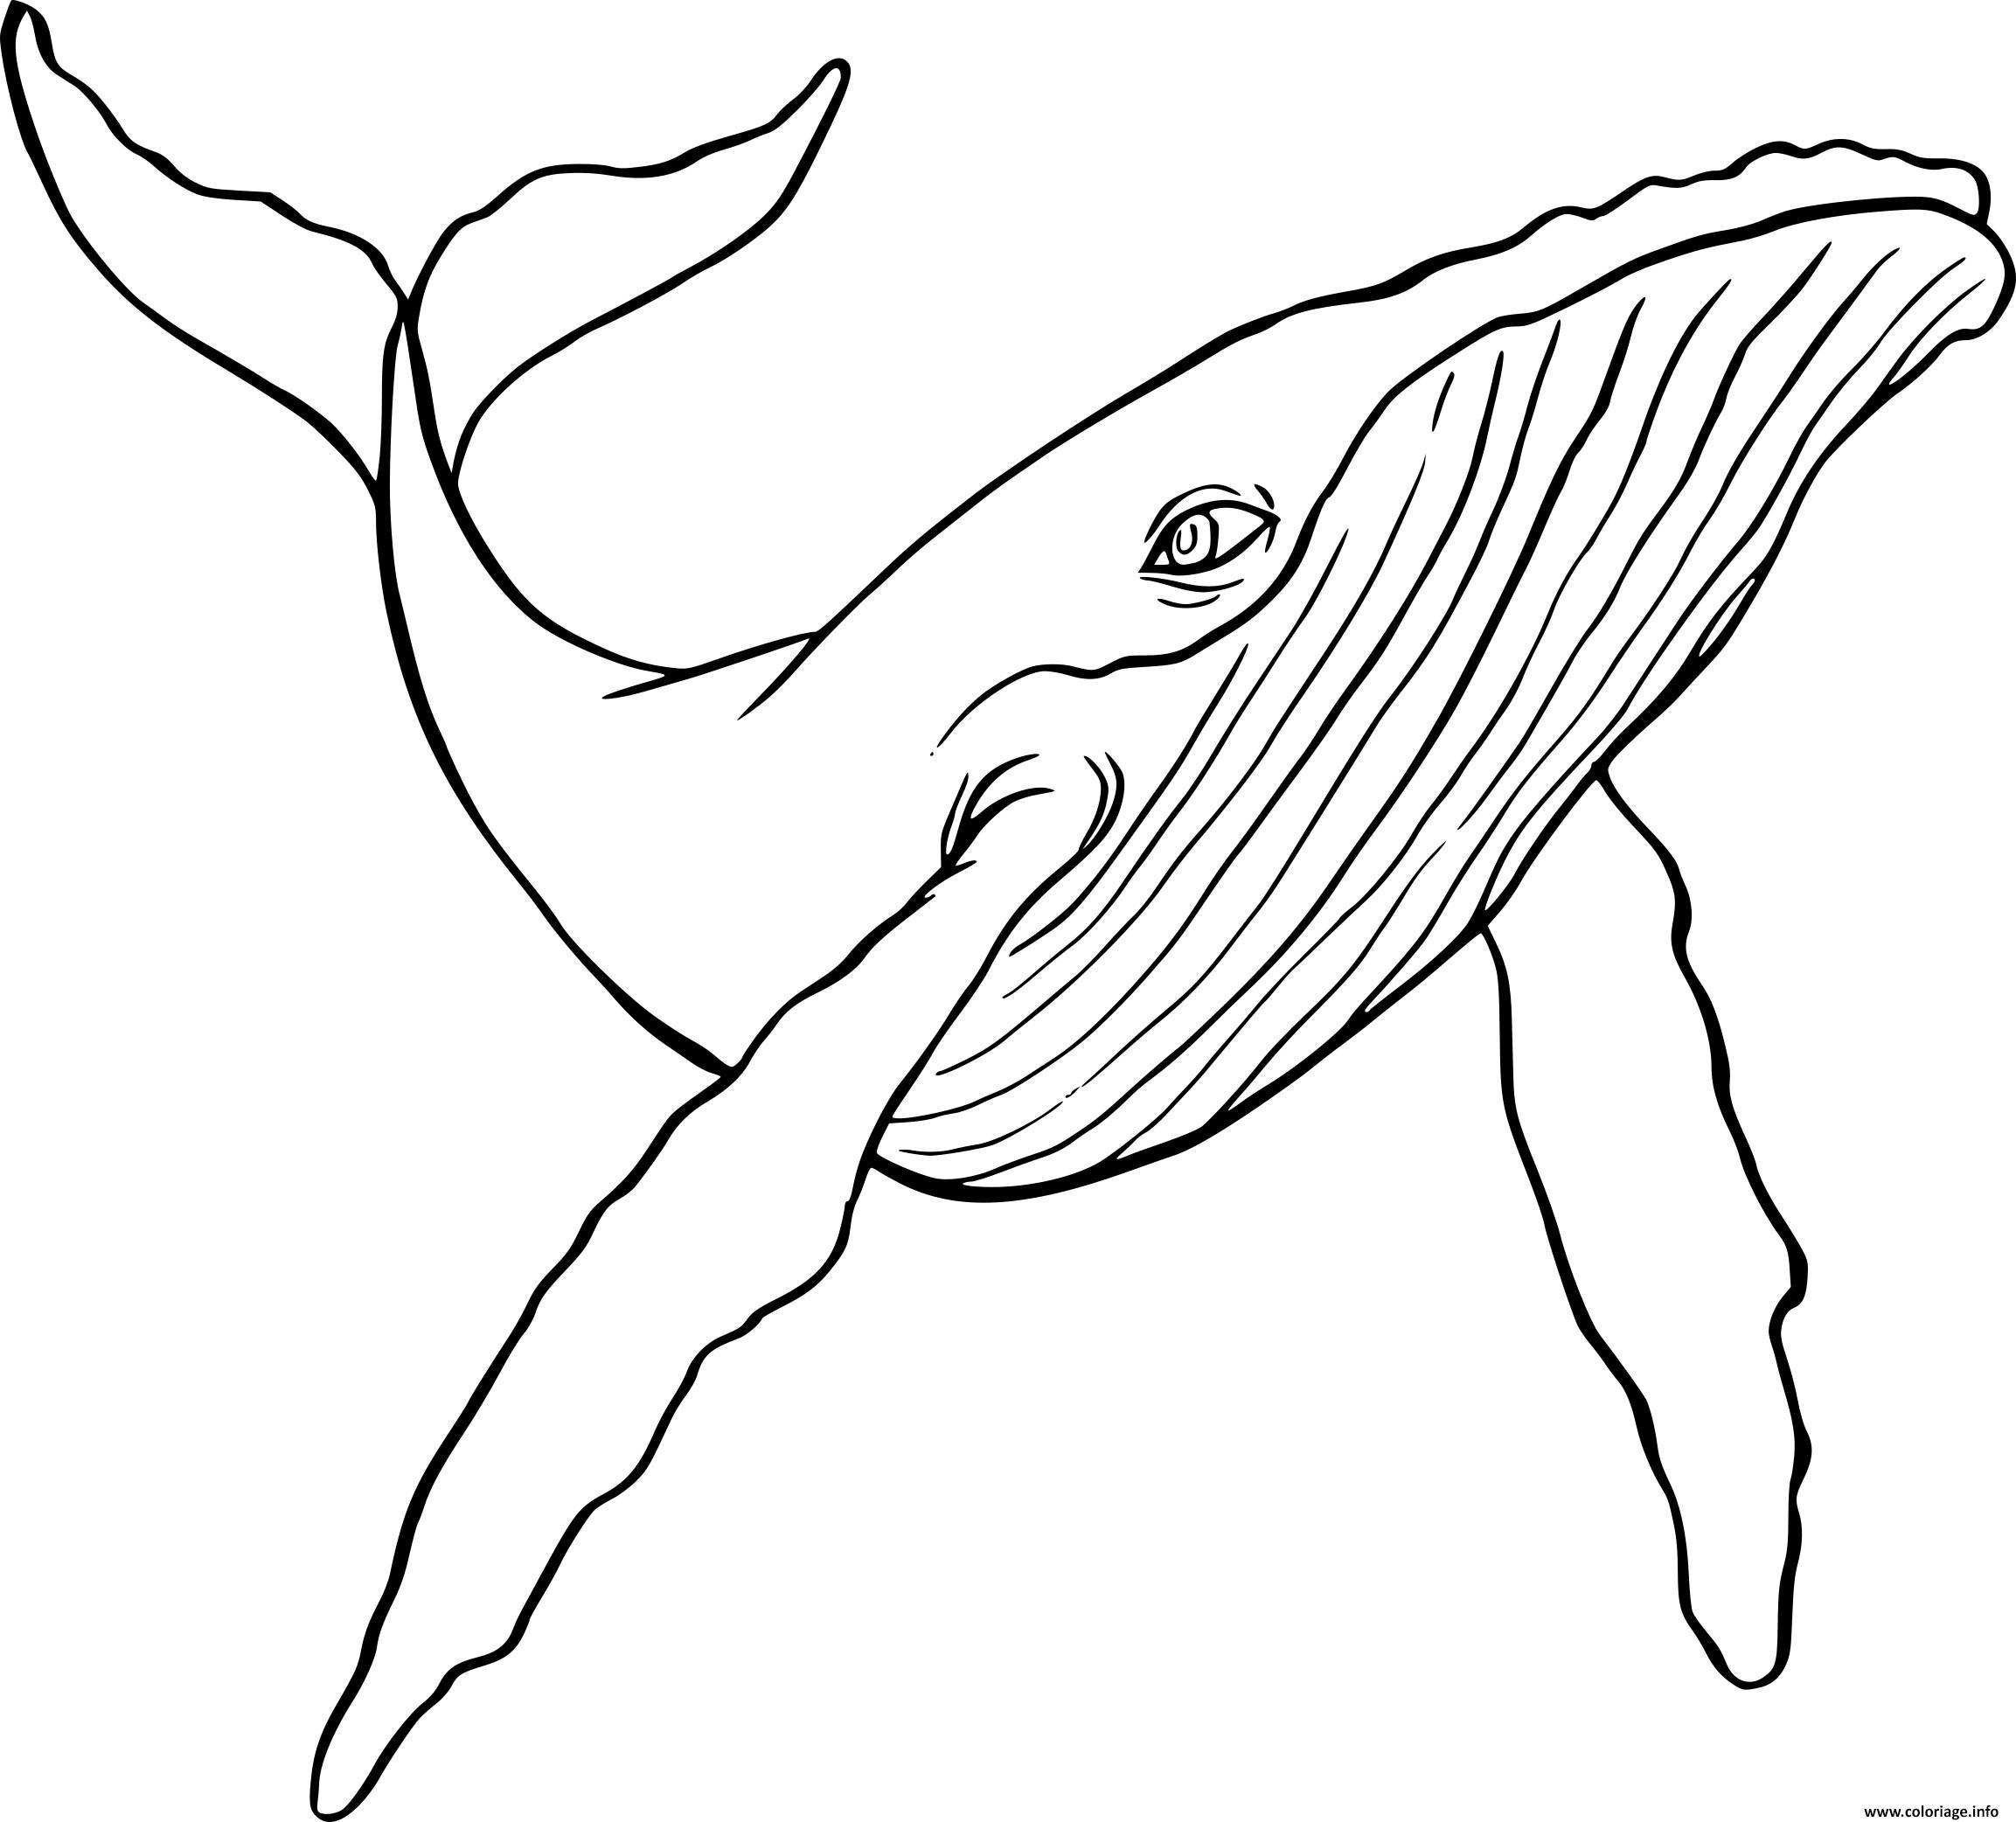 Dessin baleine a bosse Coloriage Gratuit à Imprimer